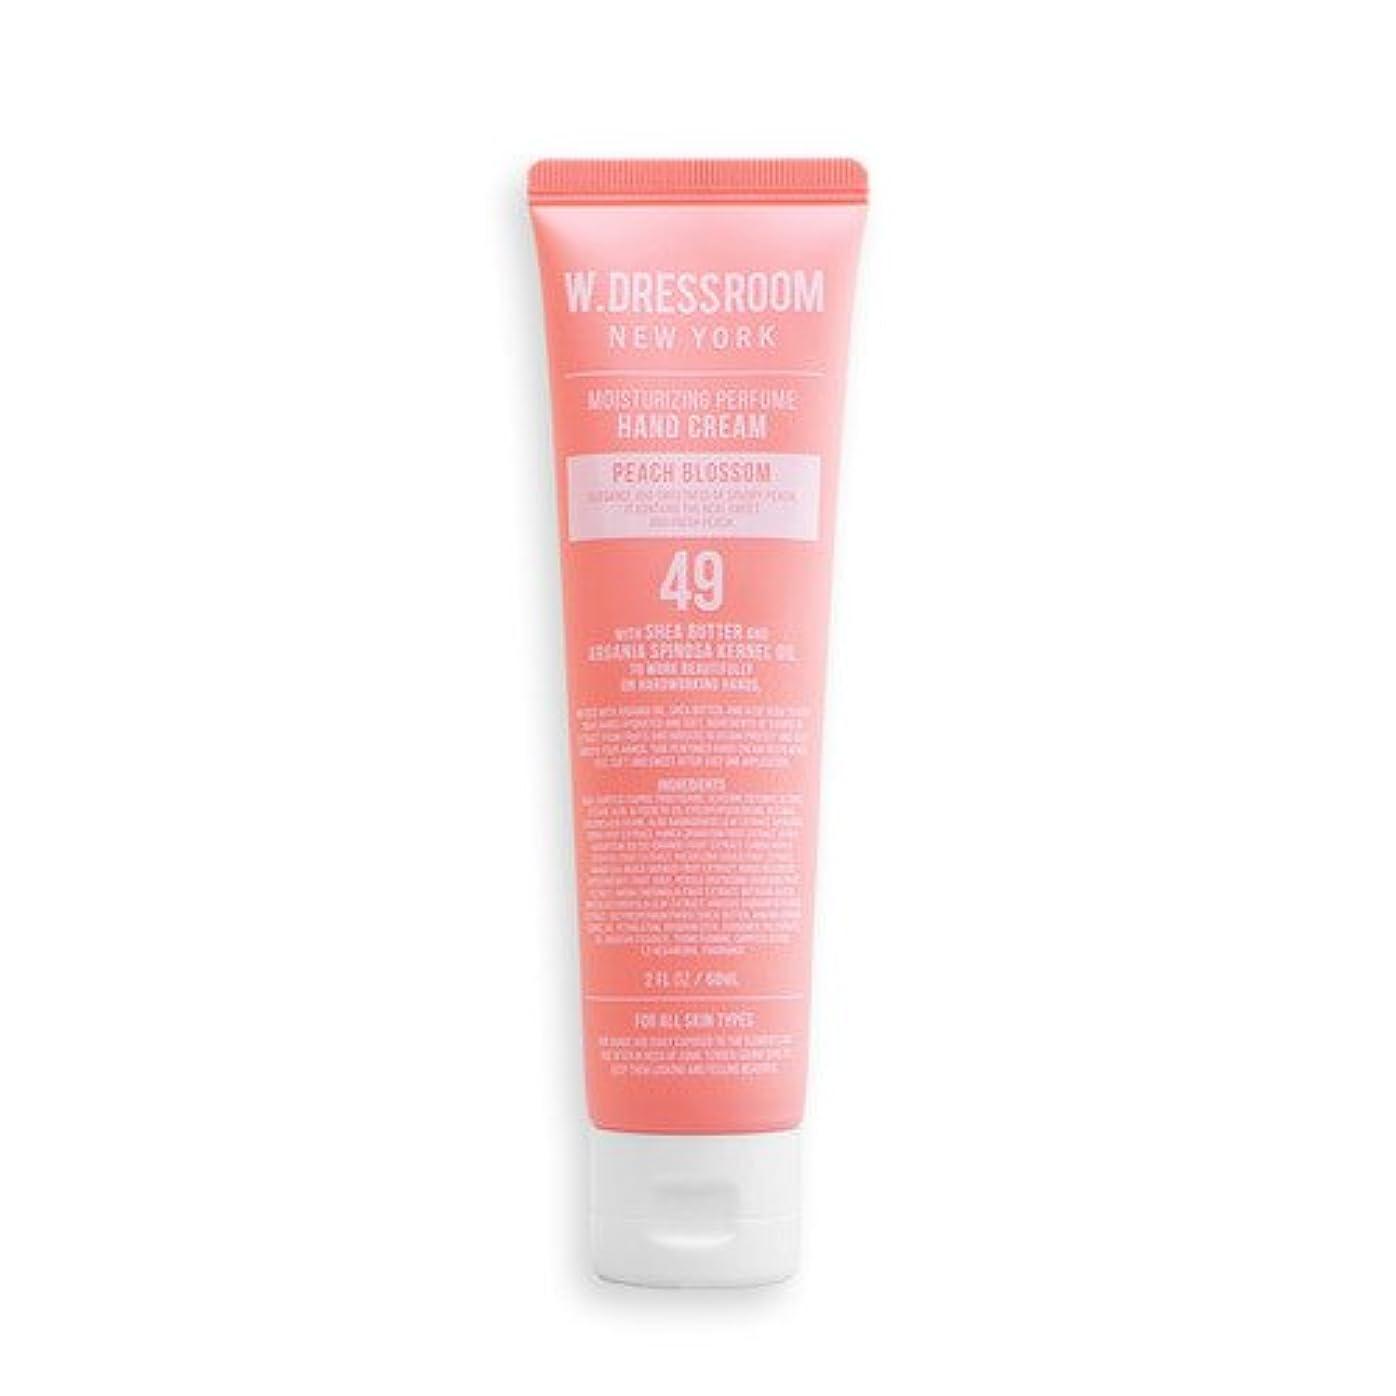 沼地スワップ伴うW.DRESSROOM Moisturizing Perfume Hand Cream 60ml/ダブルドレスルーム モイスチャライジング パフューム ハンドクリーム 60ml (#No.49 Peach Blossom...